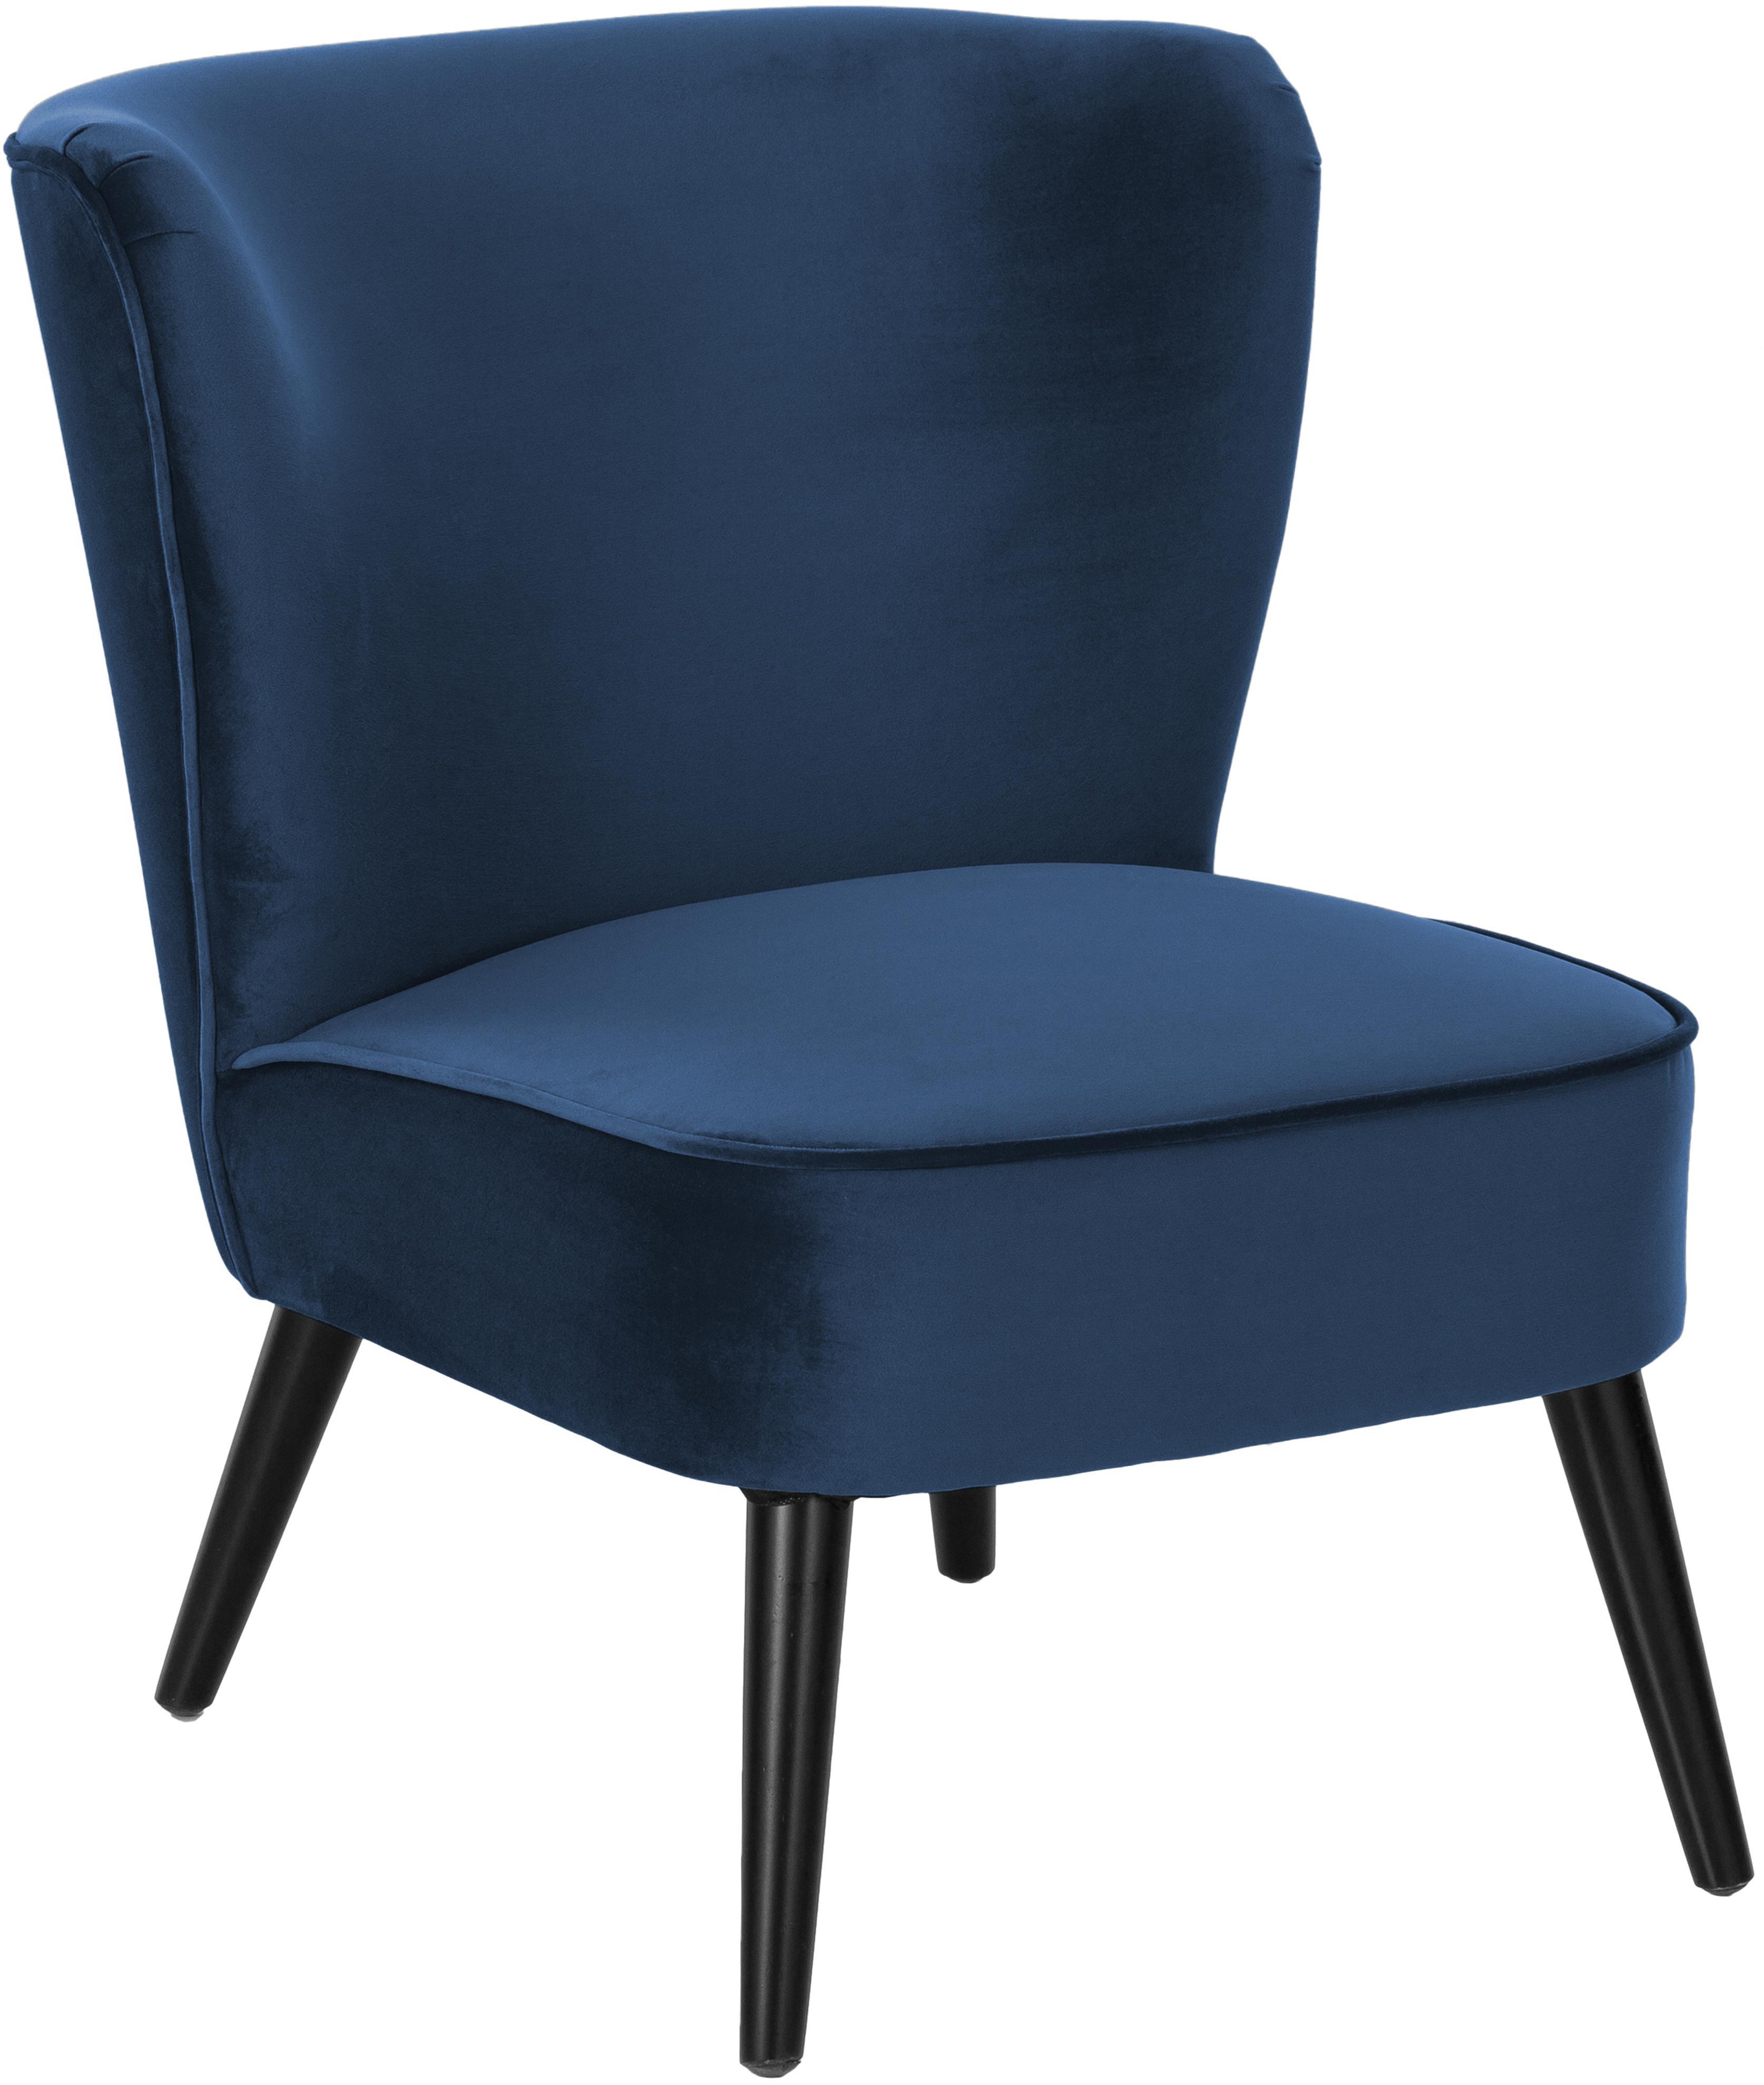 Fluwelen fauteuil Robine, Bekleding: fluweel (polyester), Poten: gelakt grenenhout, Donkerblauw, B 63 x D 73 cm